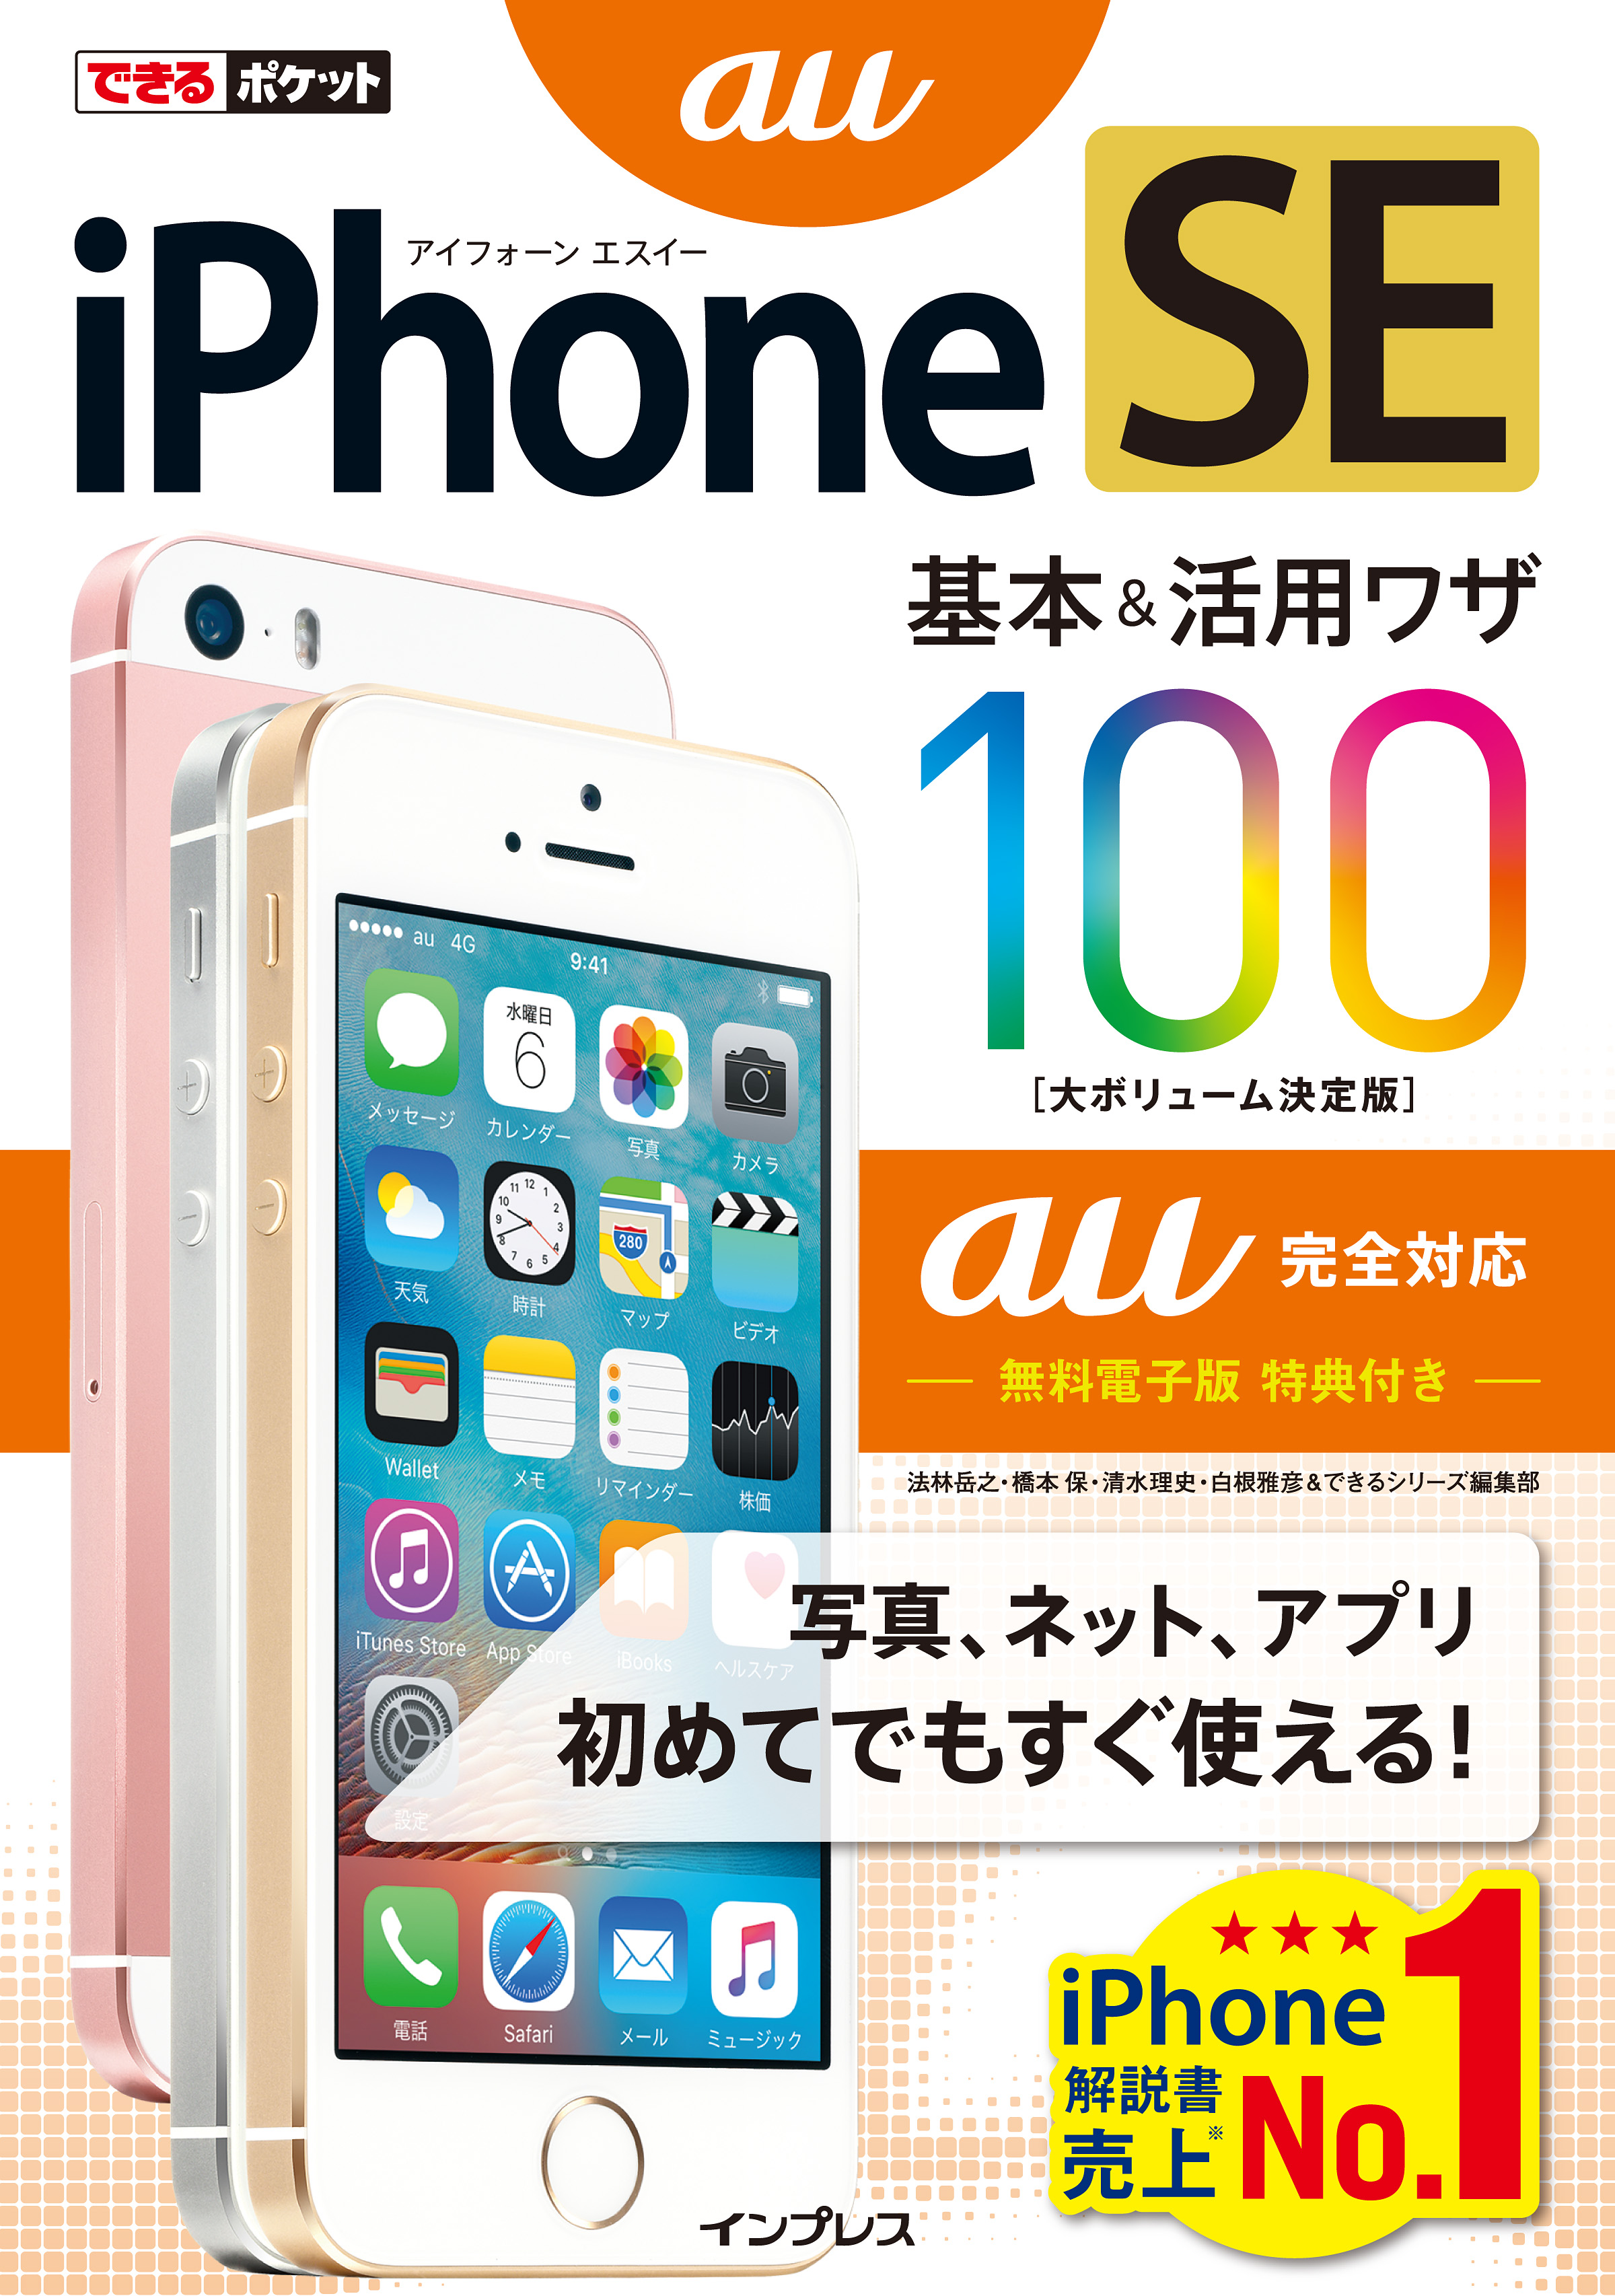 できるポケット iPhone SE 基本&活用ワザ 100 au完全対応